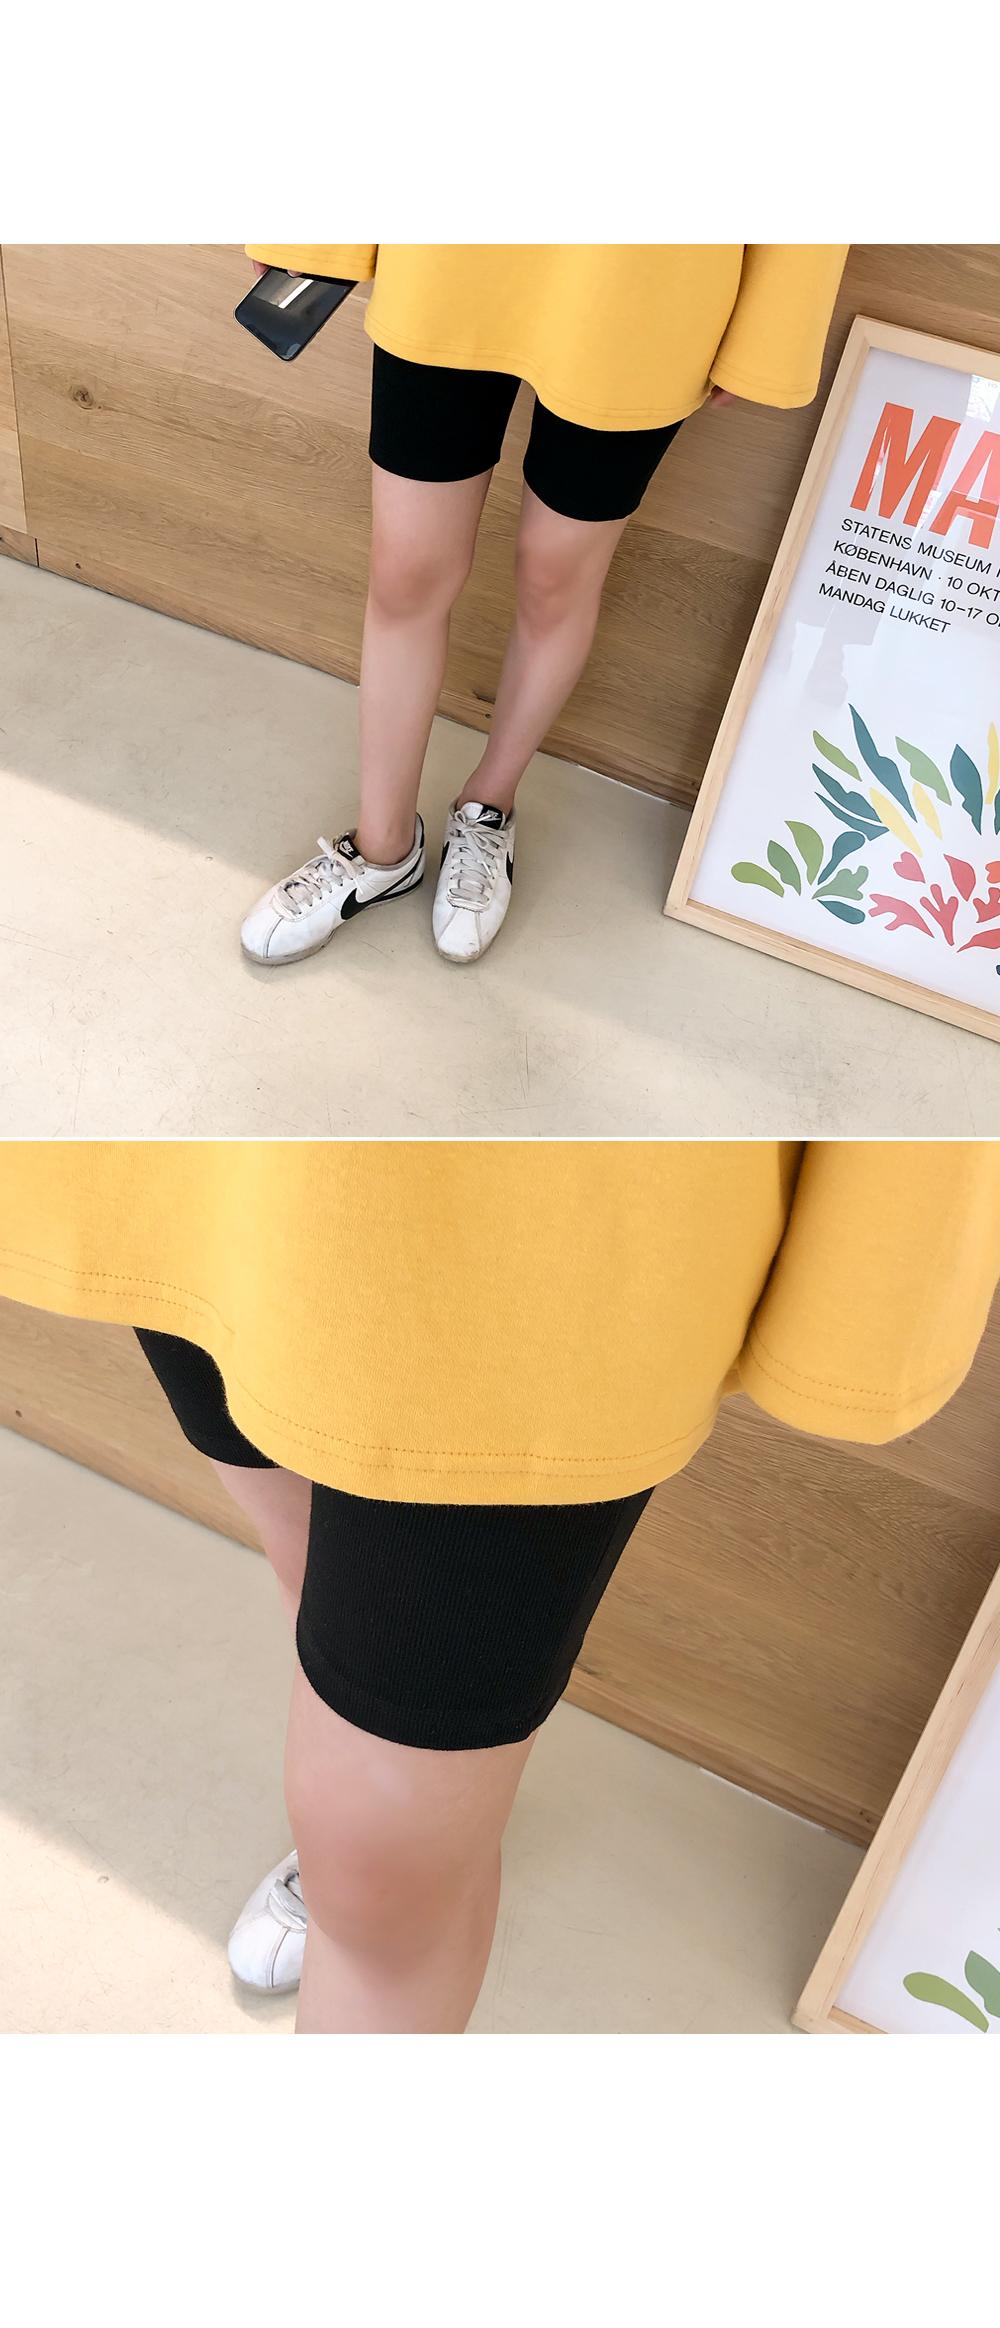 4 pants